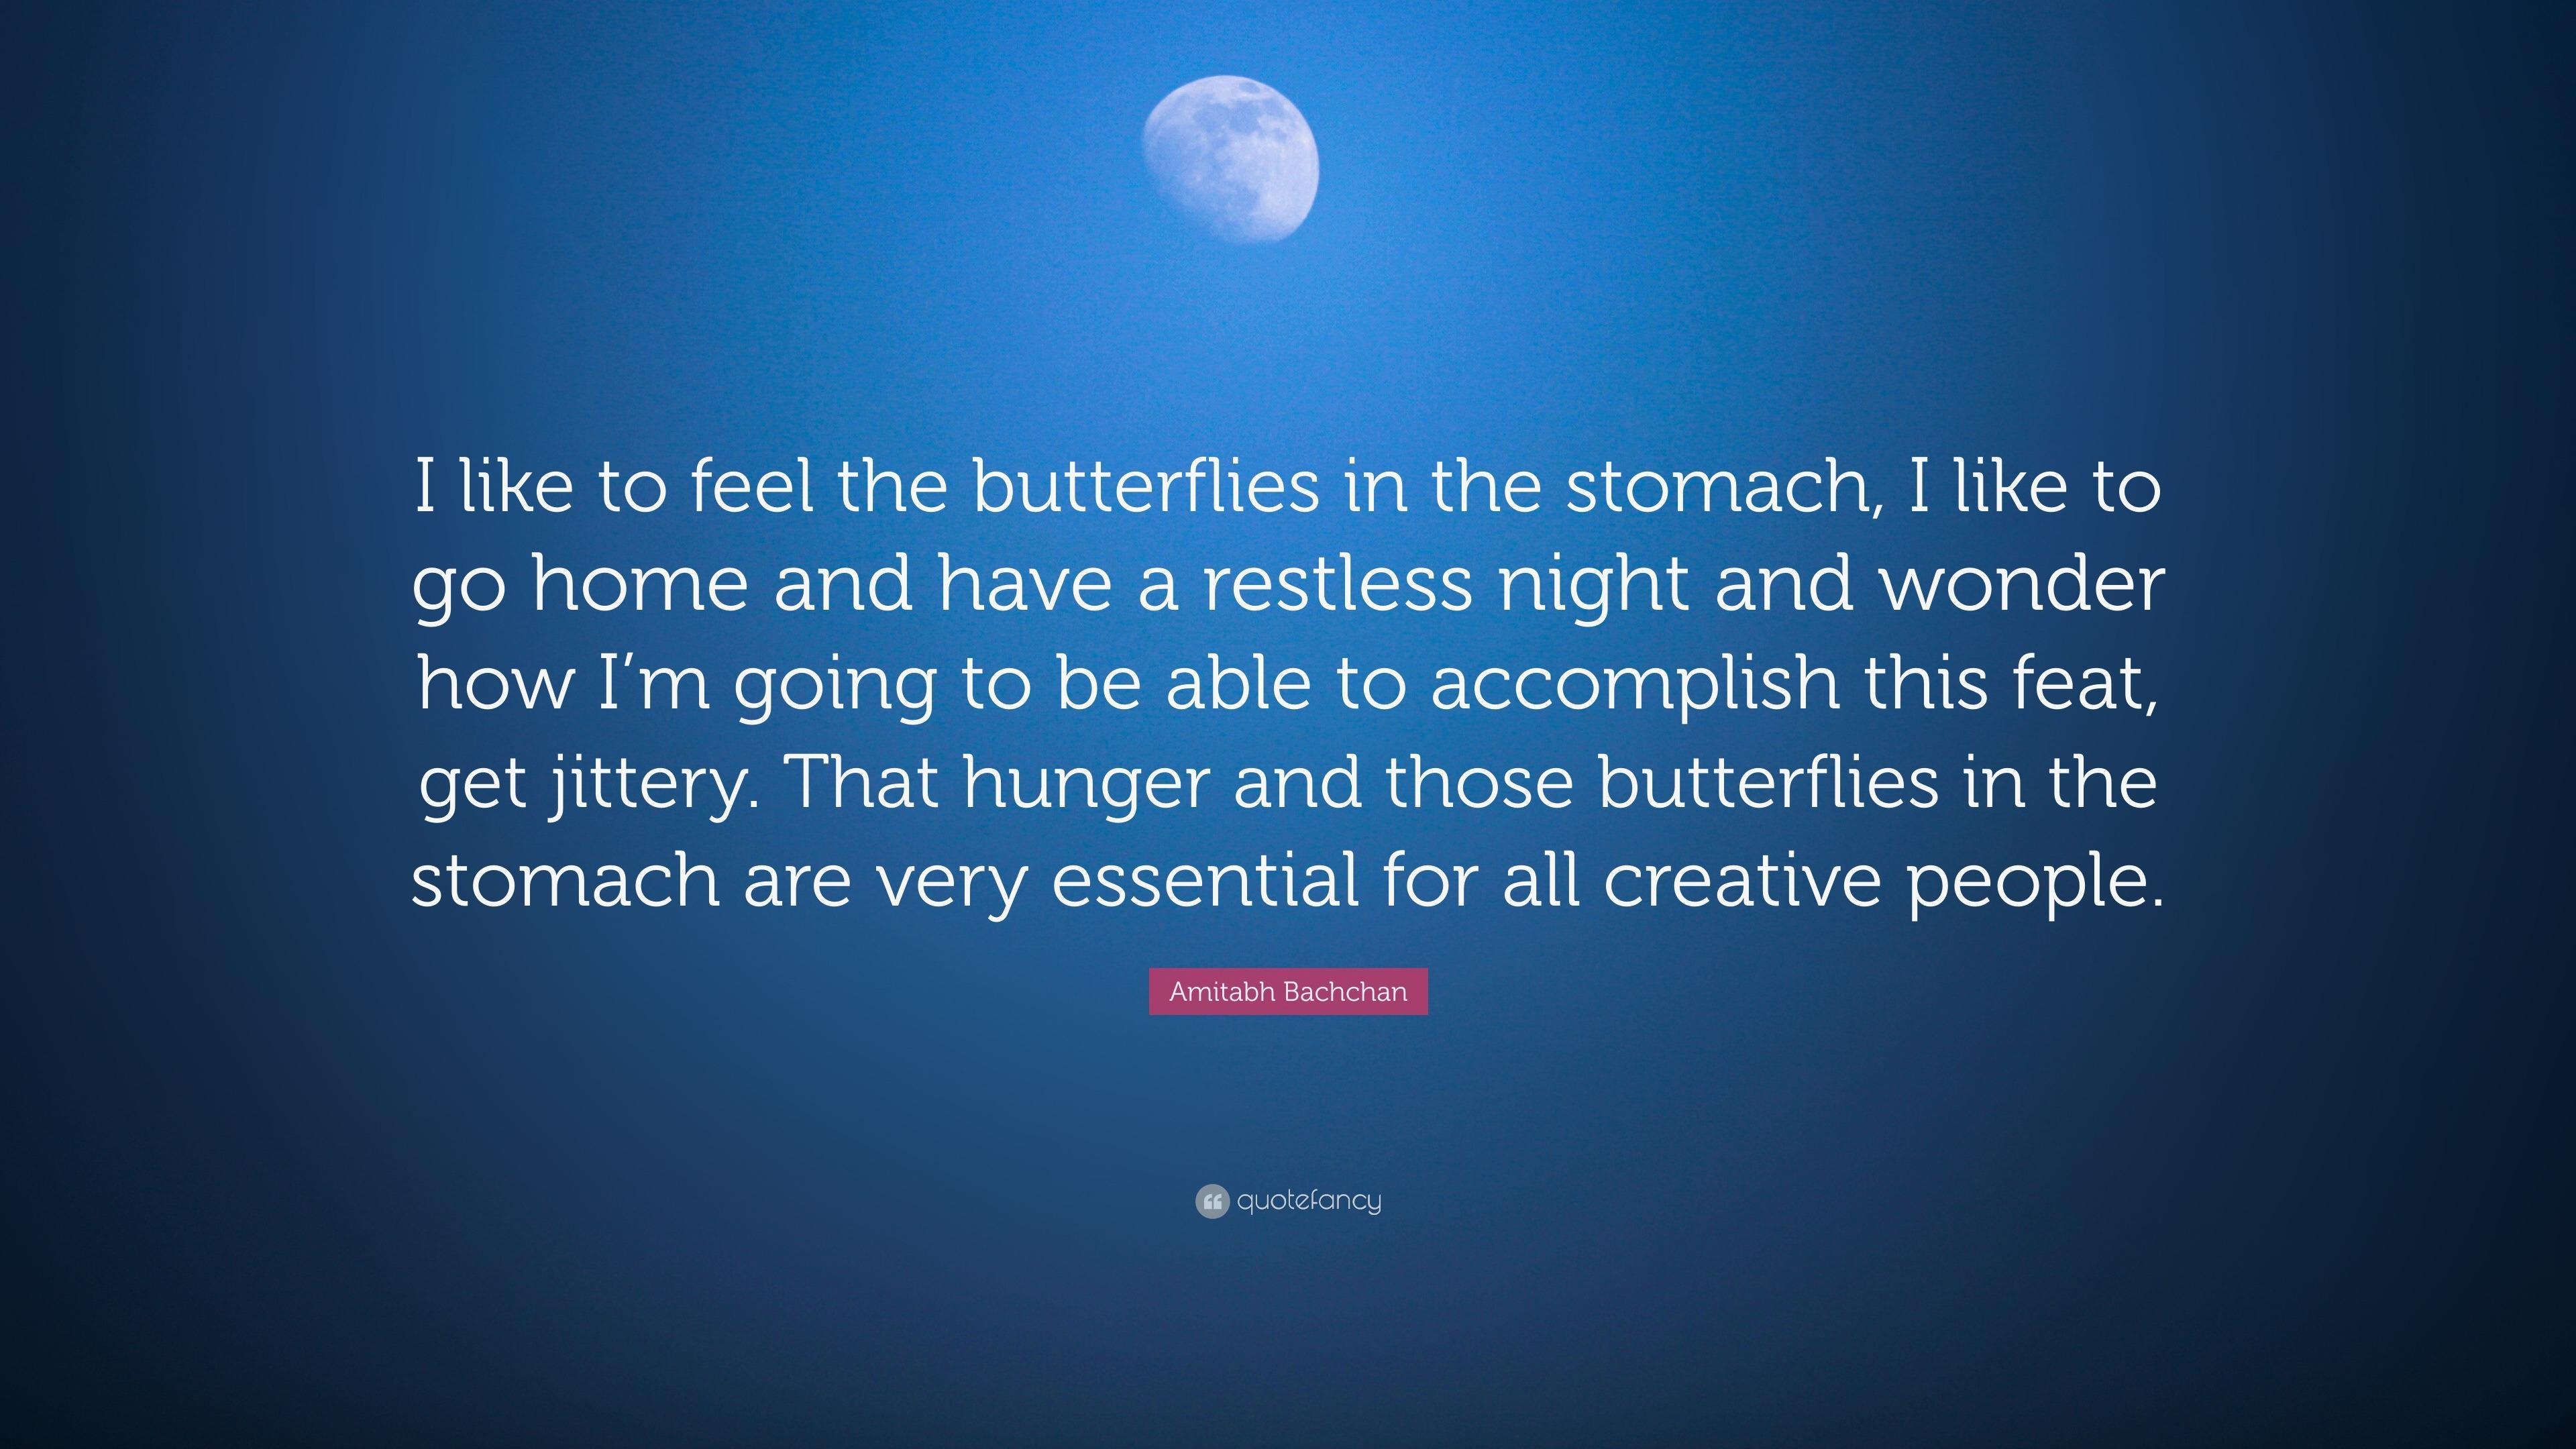 Butterfly feelings in stomach